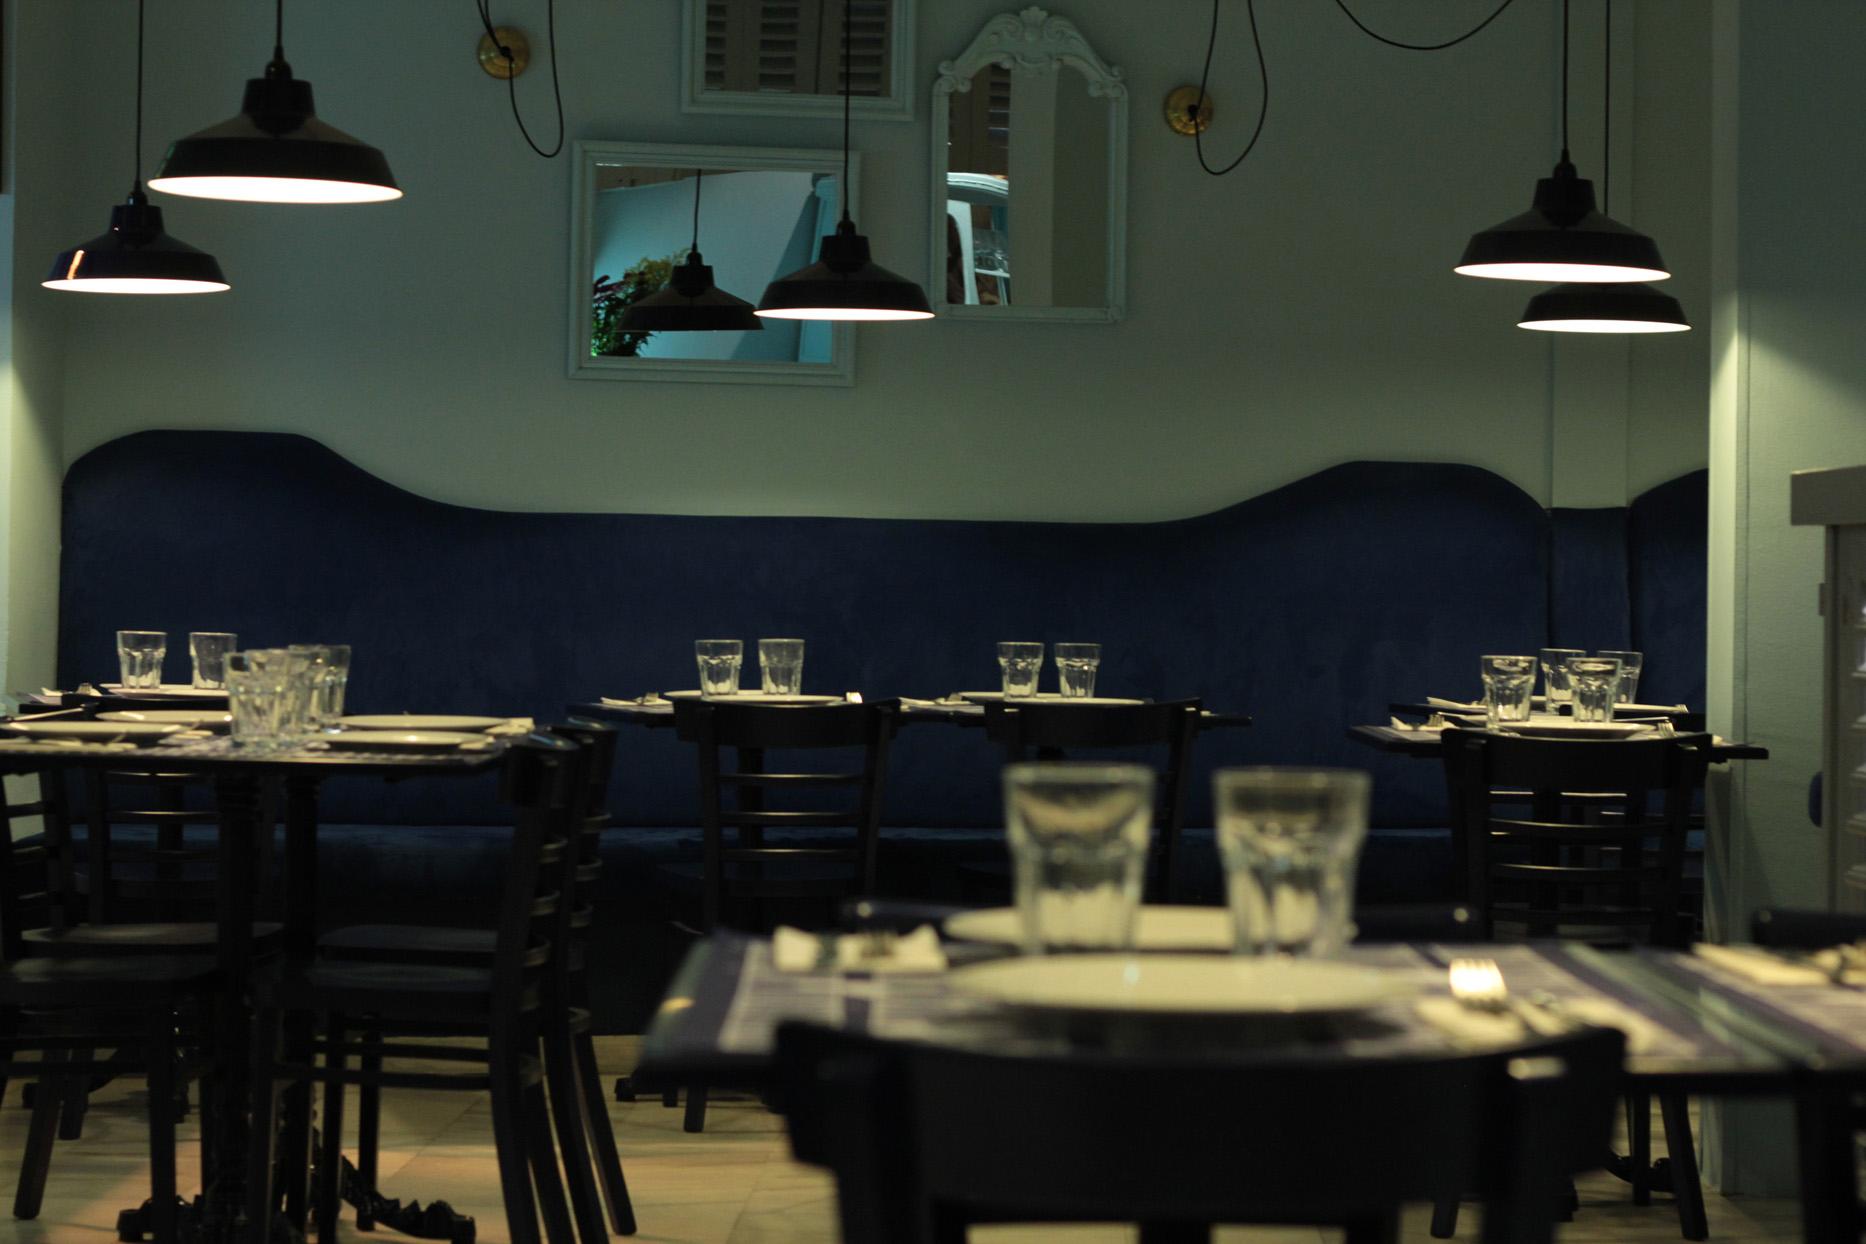 restaurante-gumbo-new-orleans-cajun-galeria-5